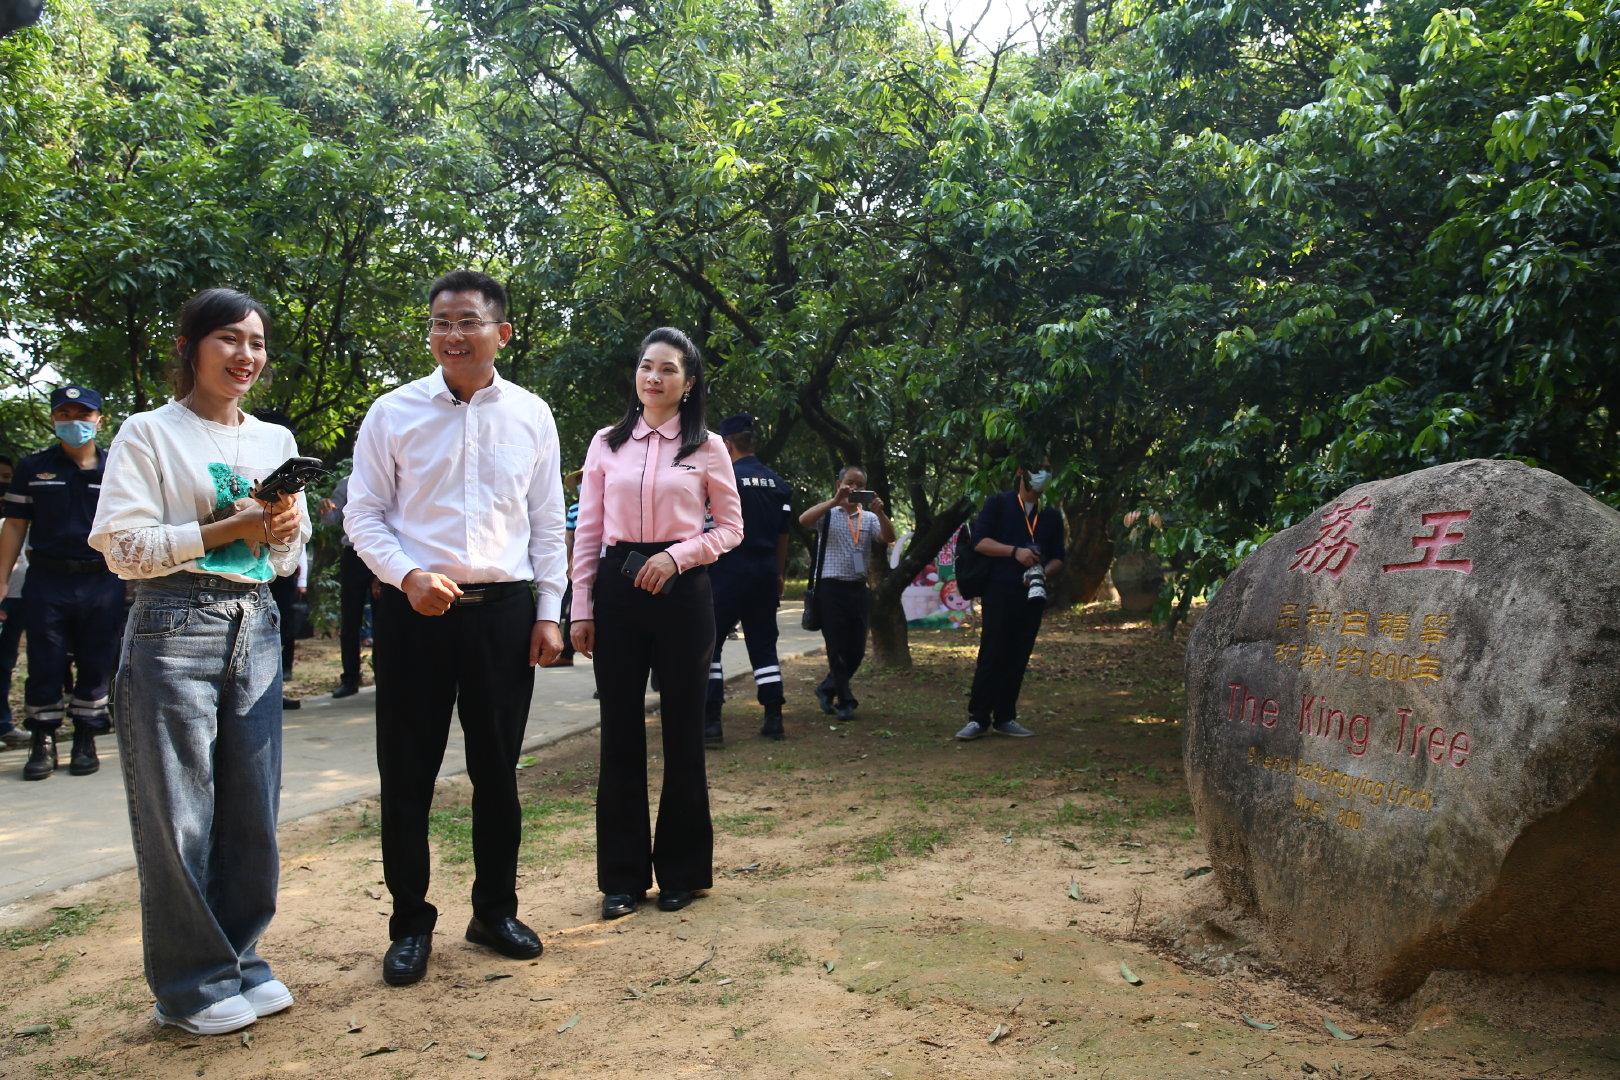 高州市市长朱春保介绍八百年荔王古树